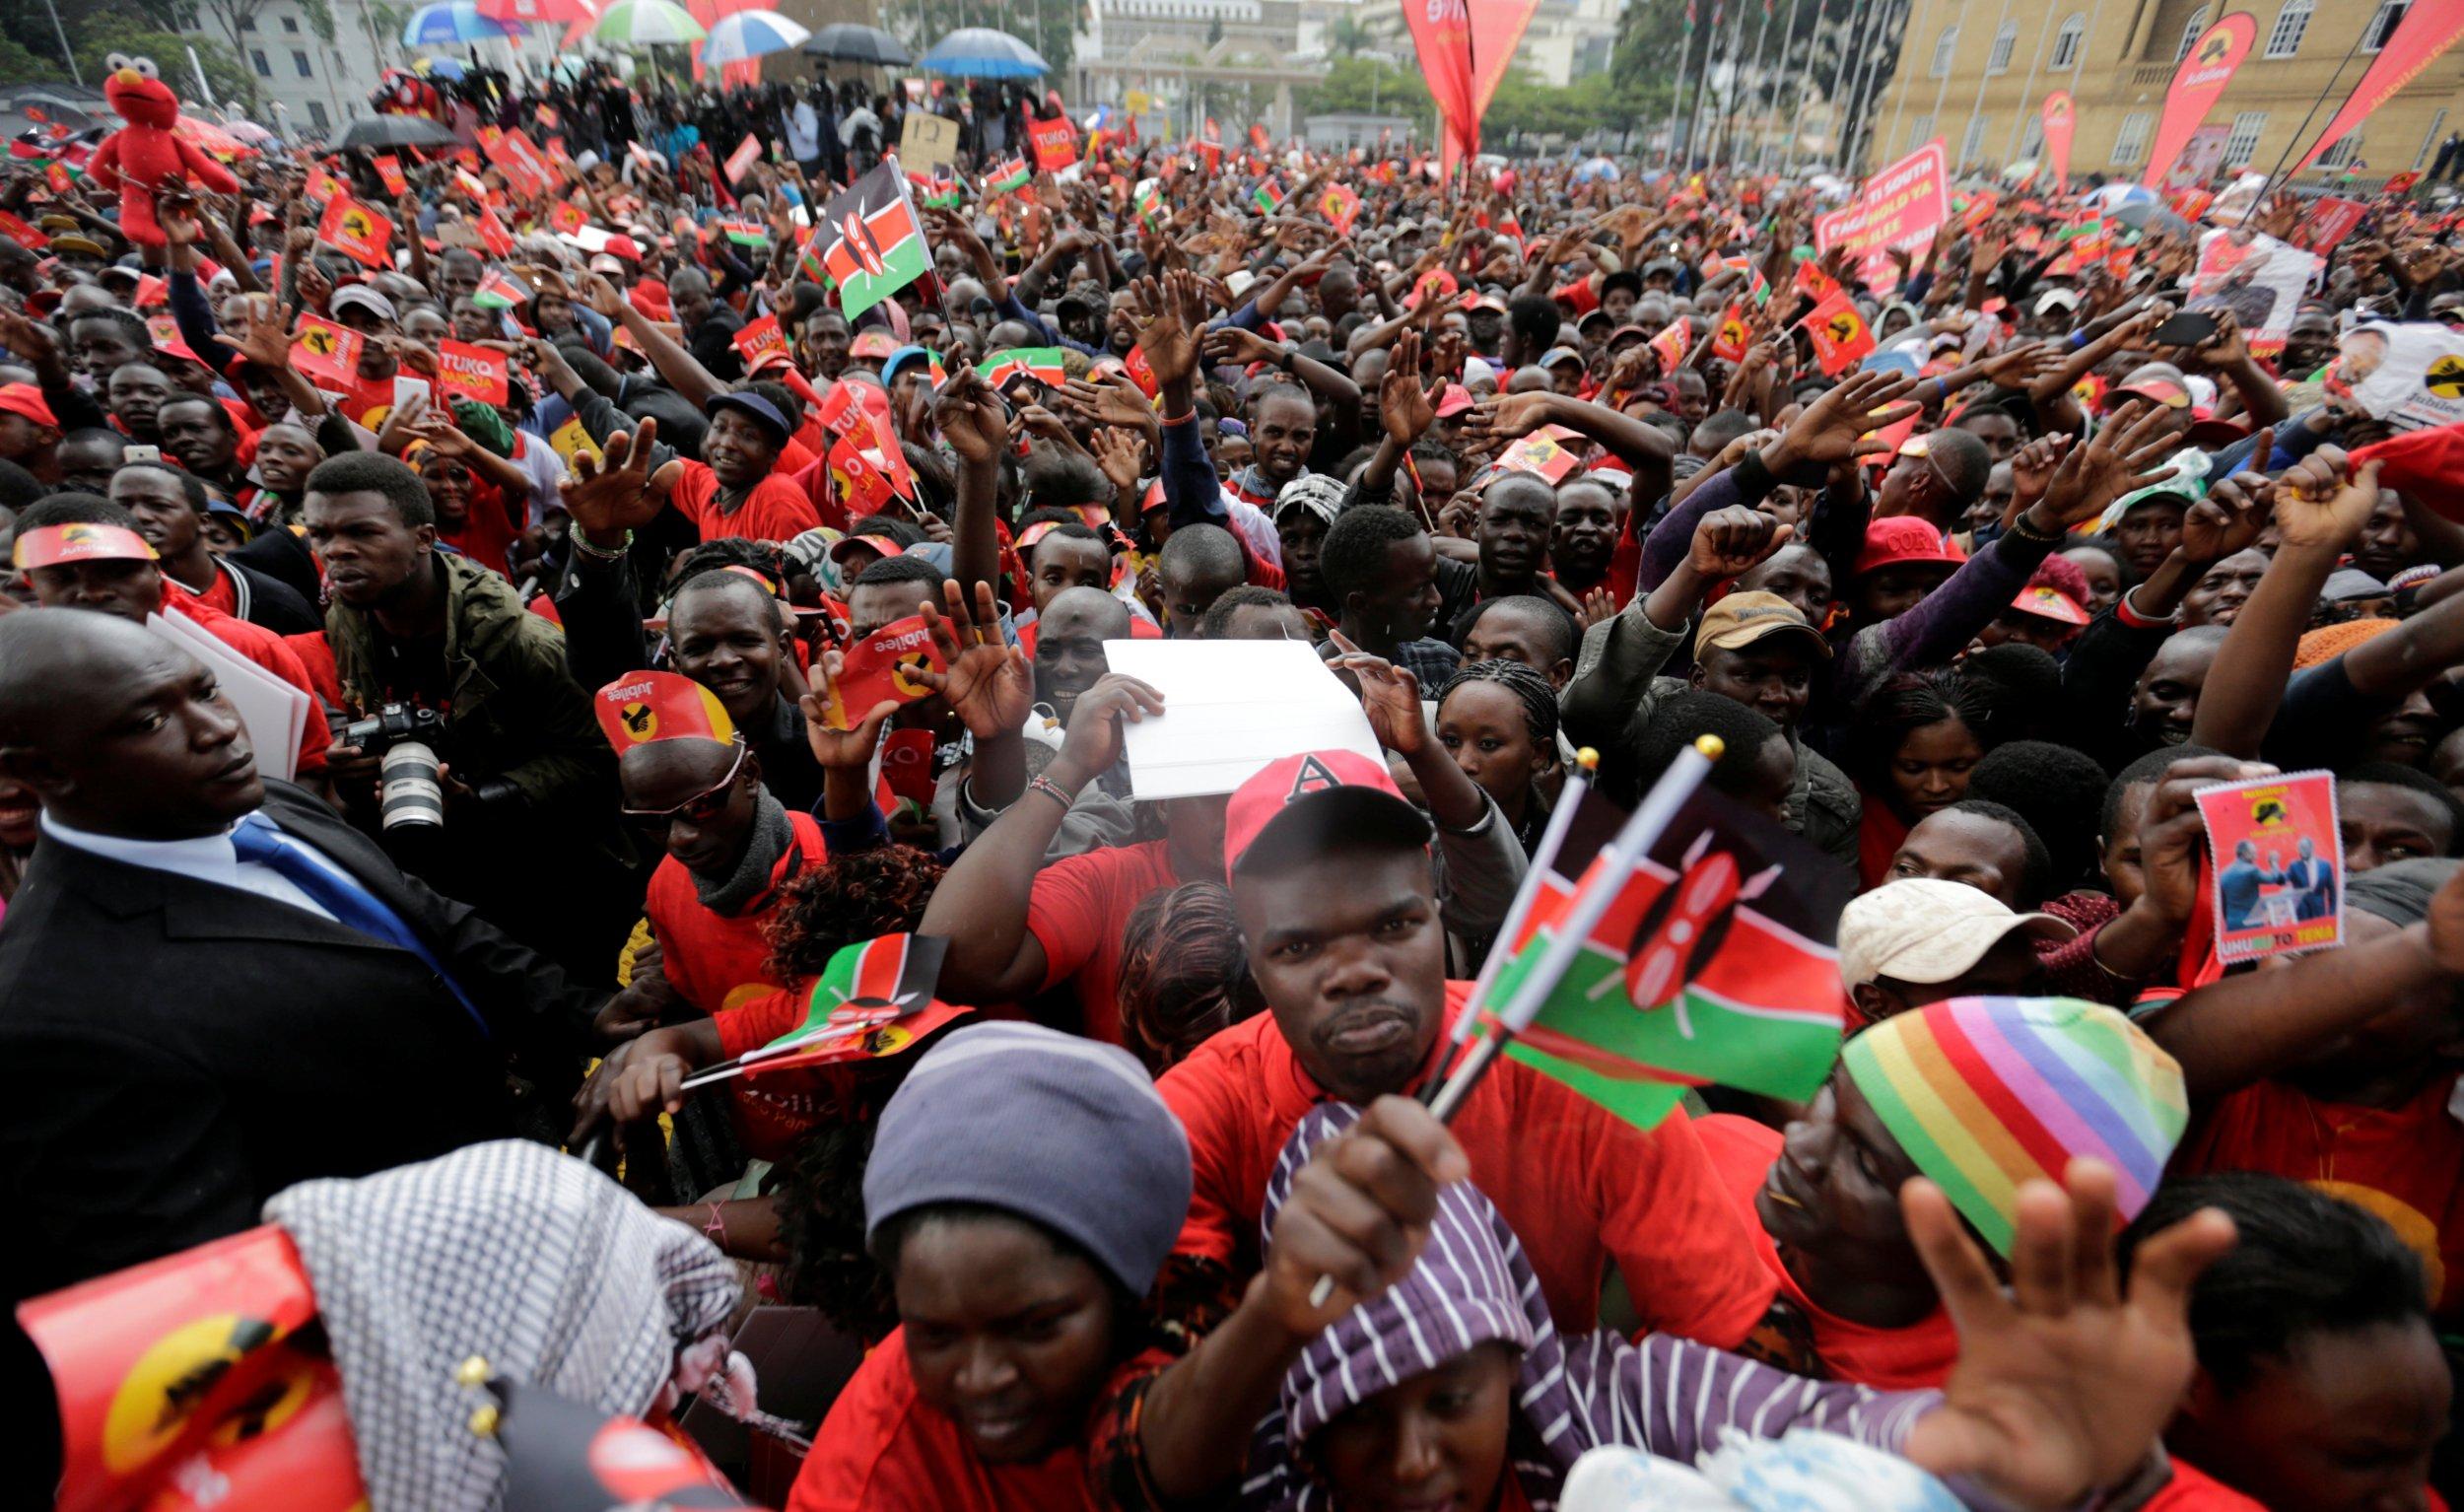 Kenya Uhuru Kenyatta supporters